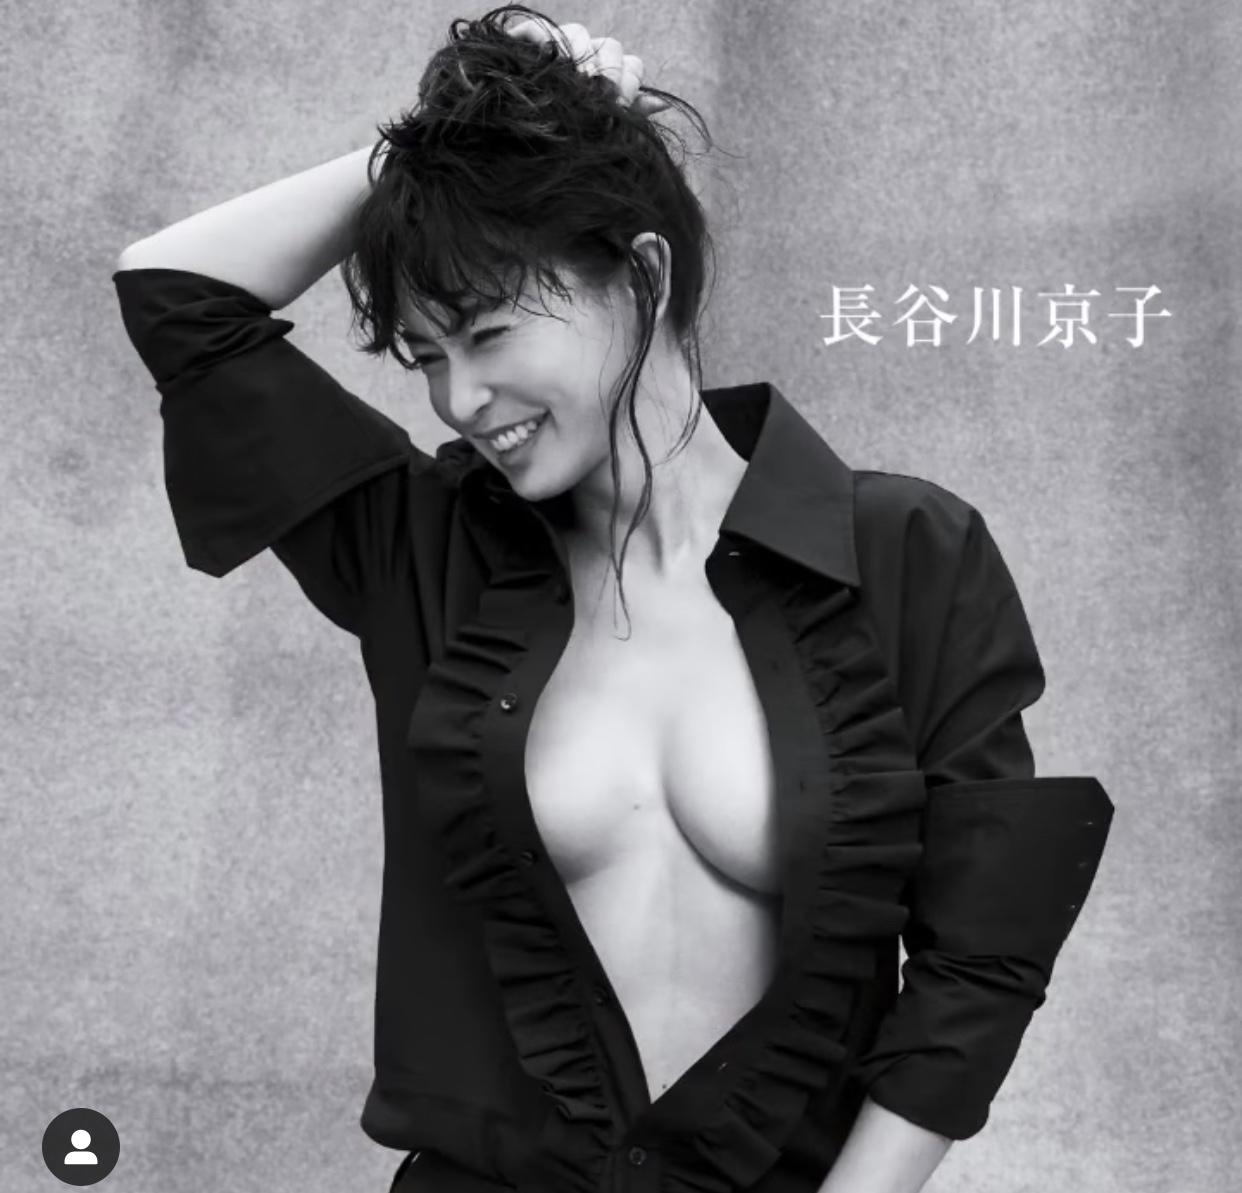 【画像】長谷川京子さん女性誌でオッパイ丸出し